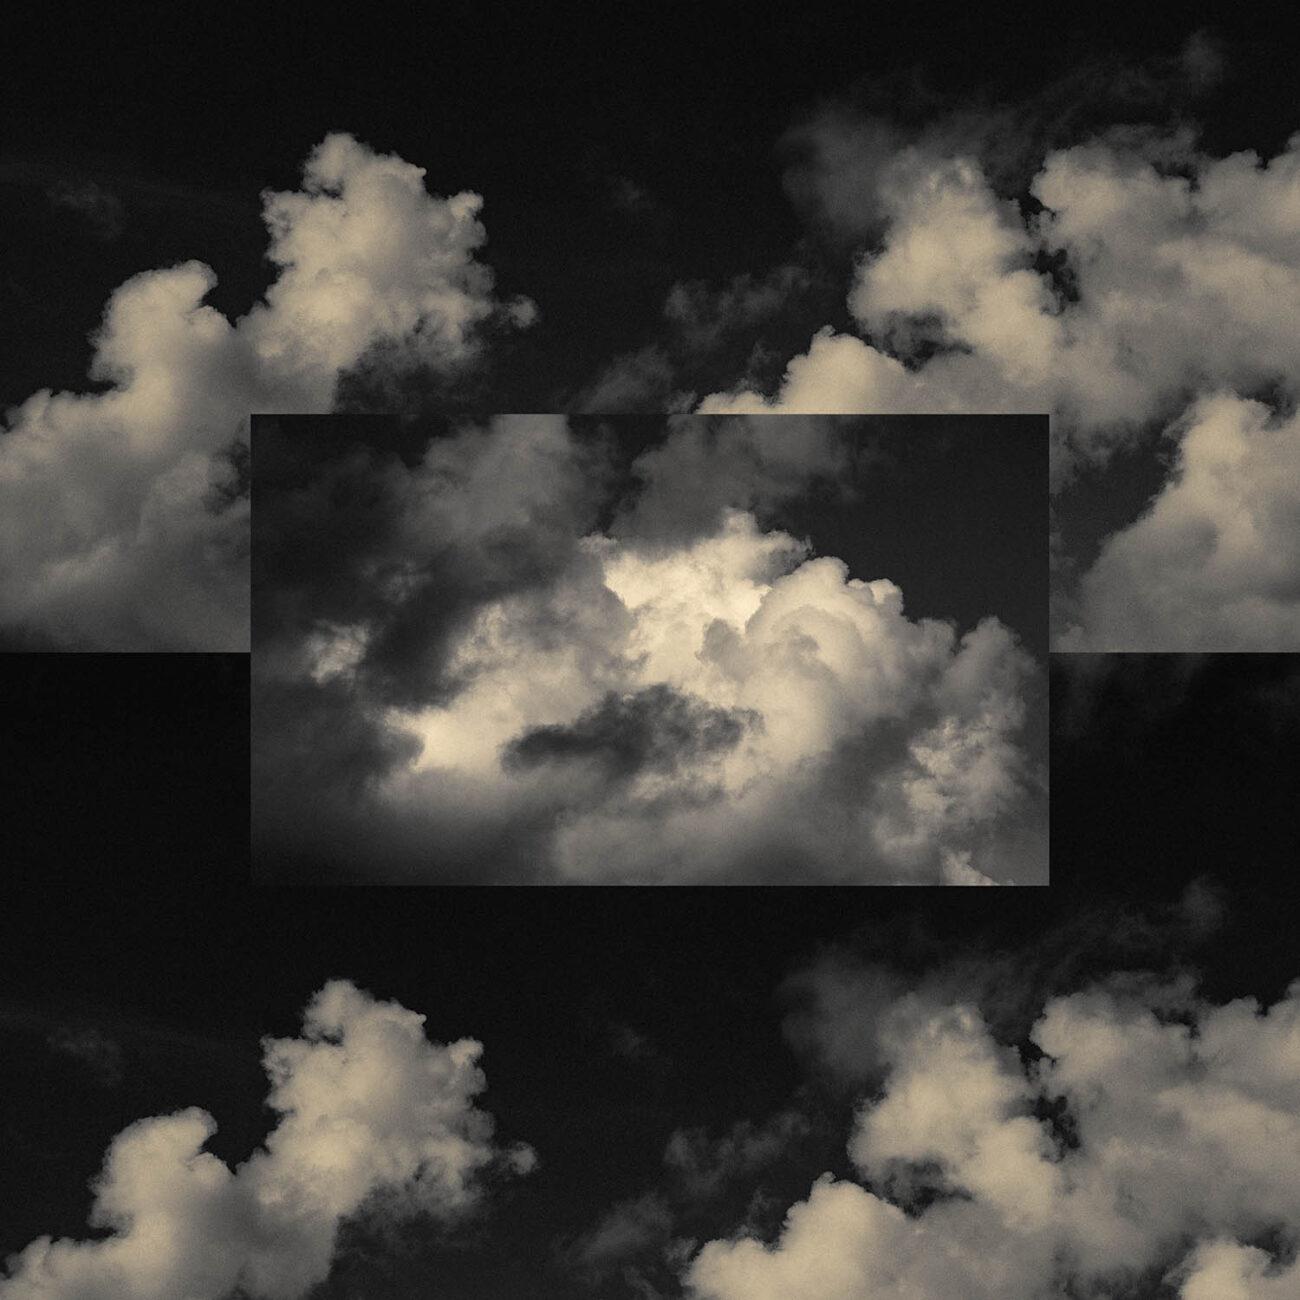 Morning cumulus clouds